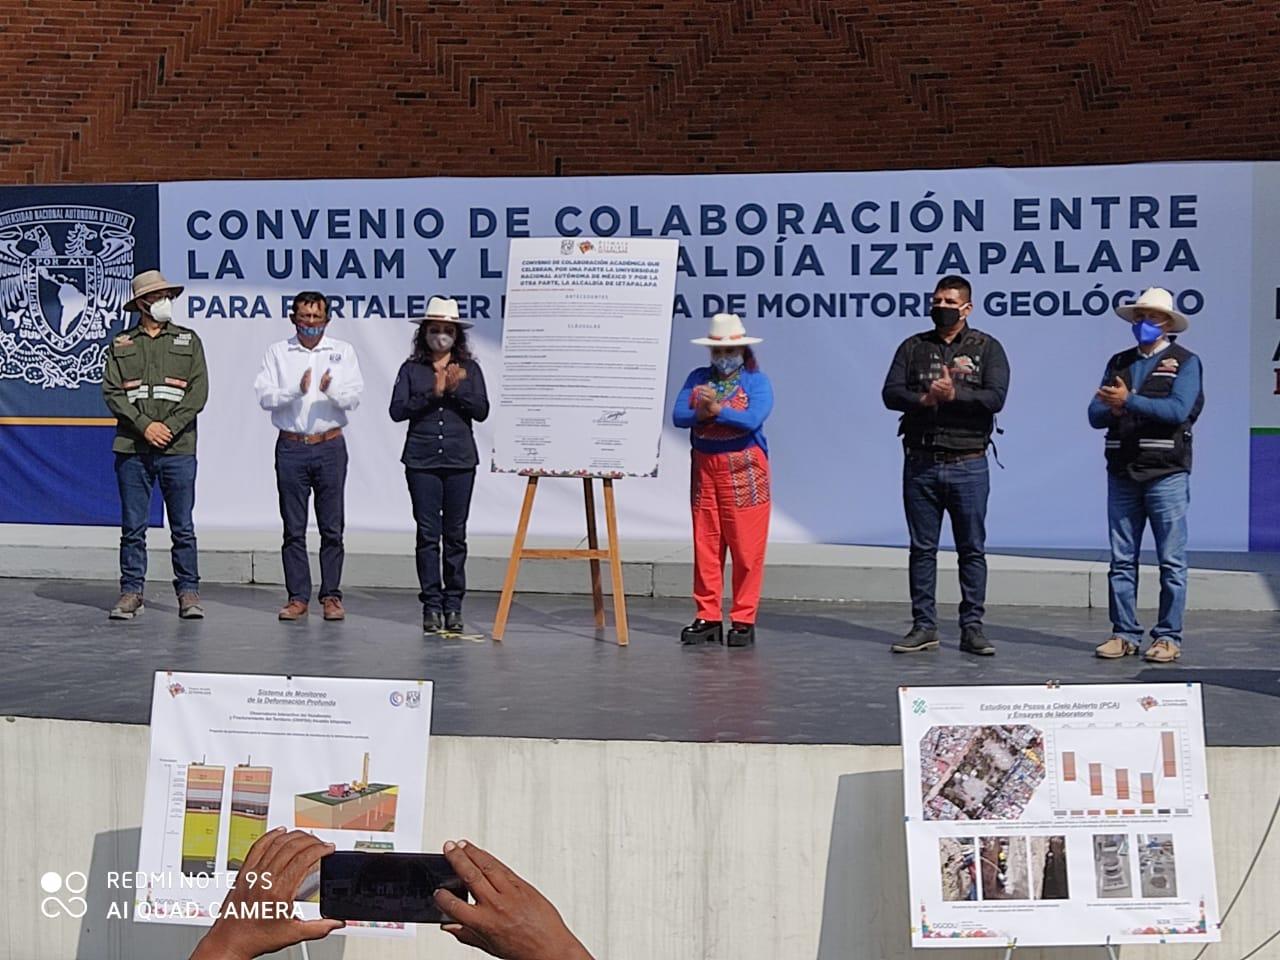 FIRMAN CONVENIO IZTAPALAPA Y UNAM PARA ESTUDIO DE GRIETAS